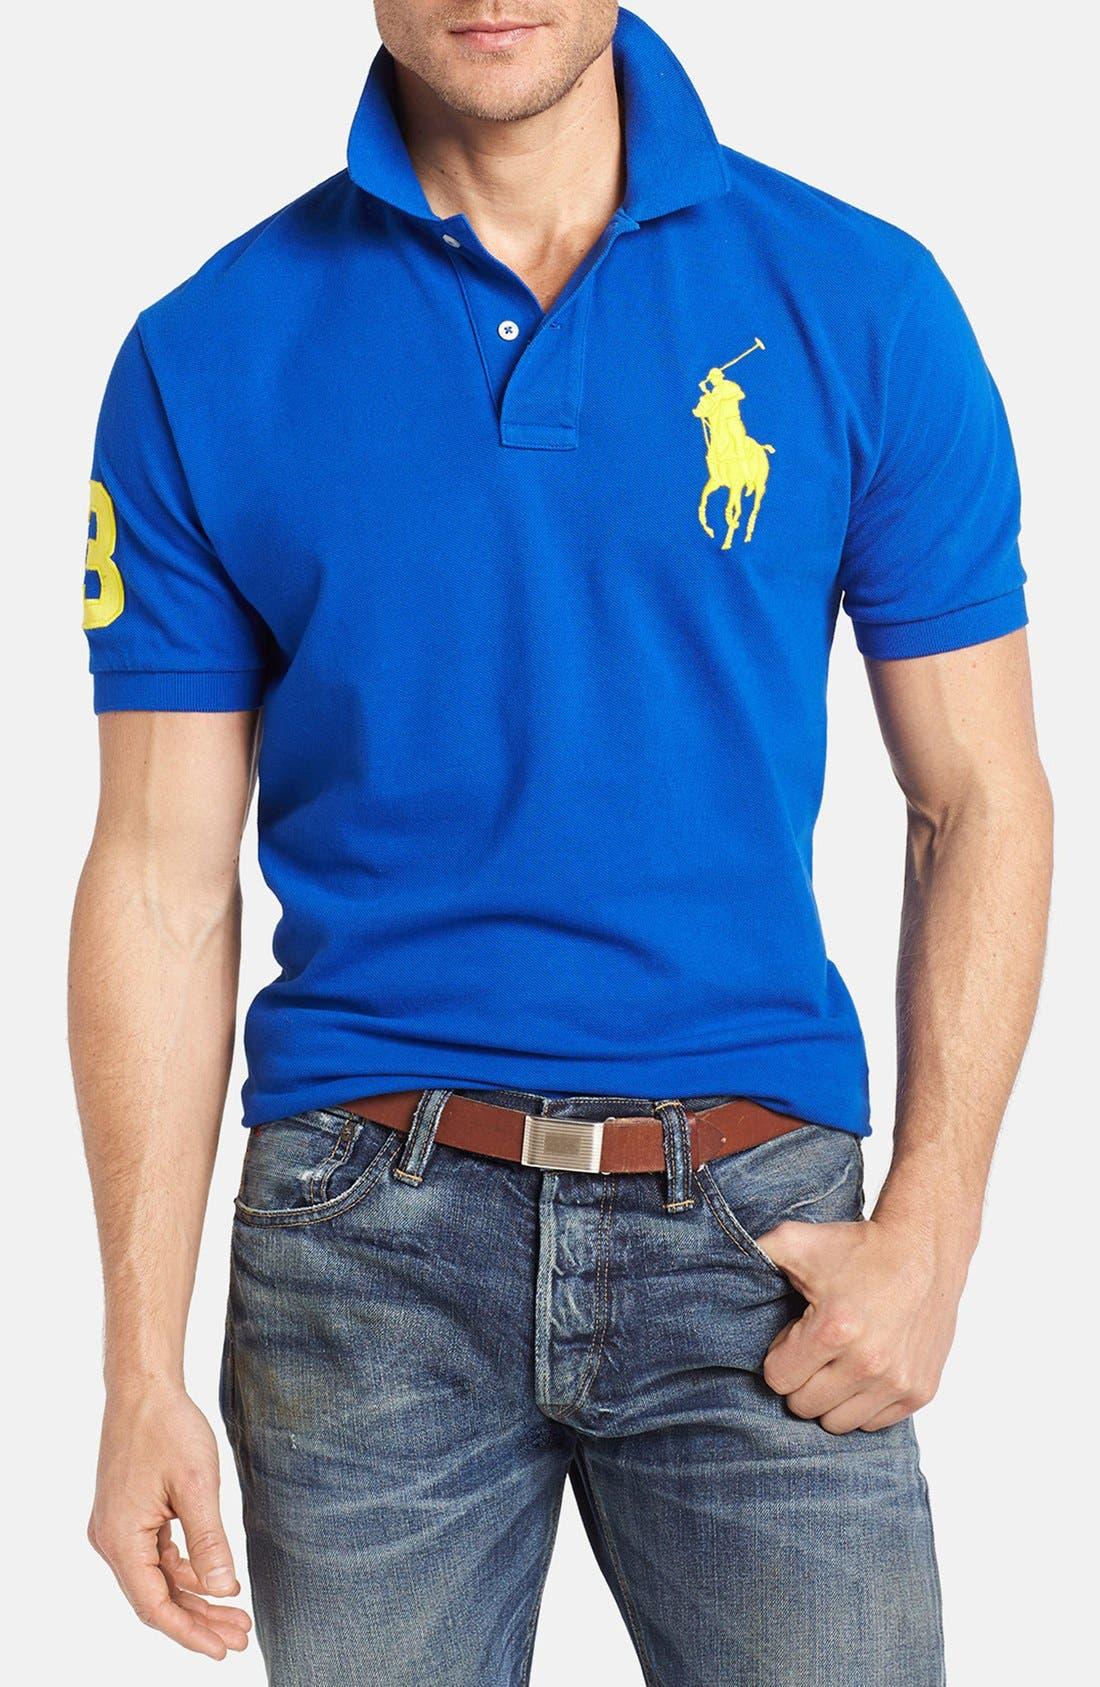 POLO RALPH LAUREN 'Big Pony' Polo Shirt, Main, color, 400